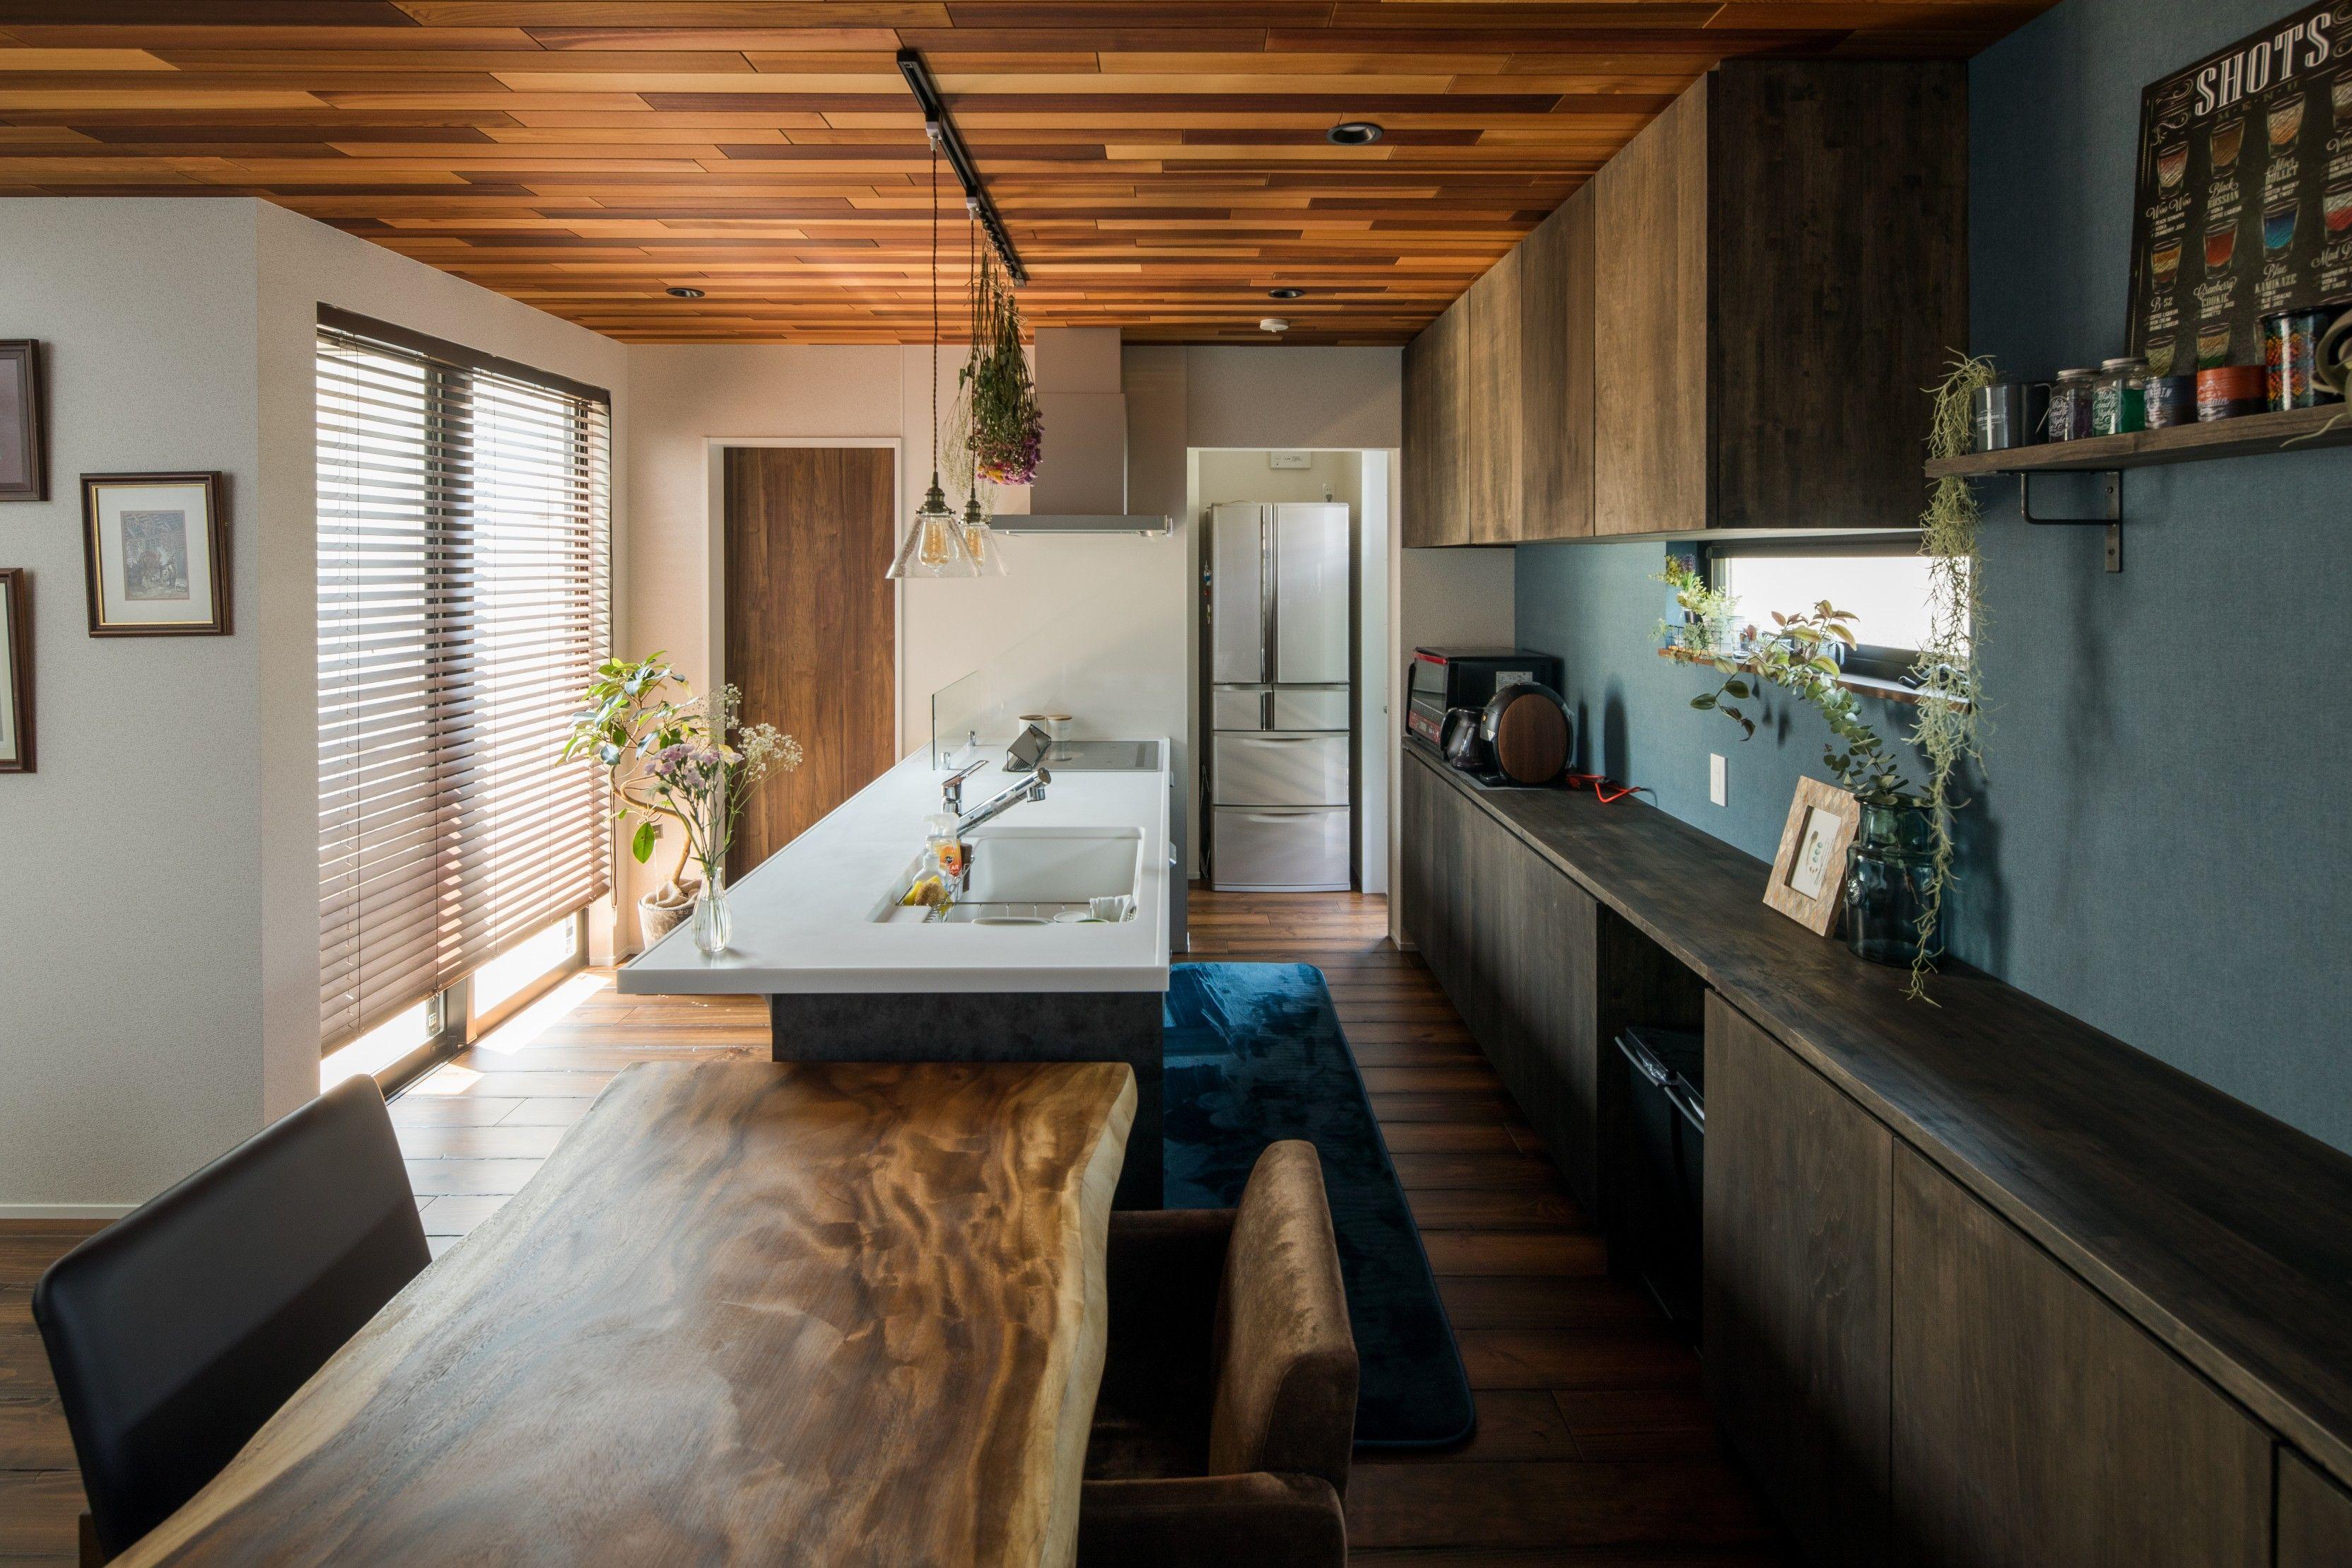 家事ラクな横並びレイアウトと 壁一面に設えた造作カップボード